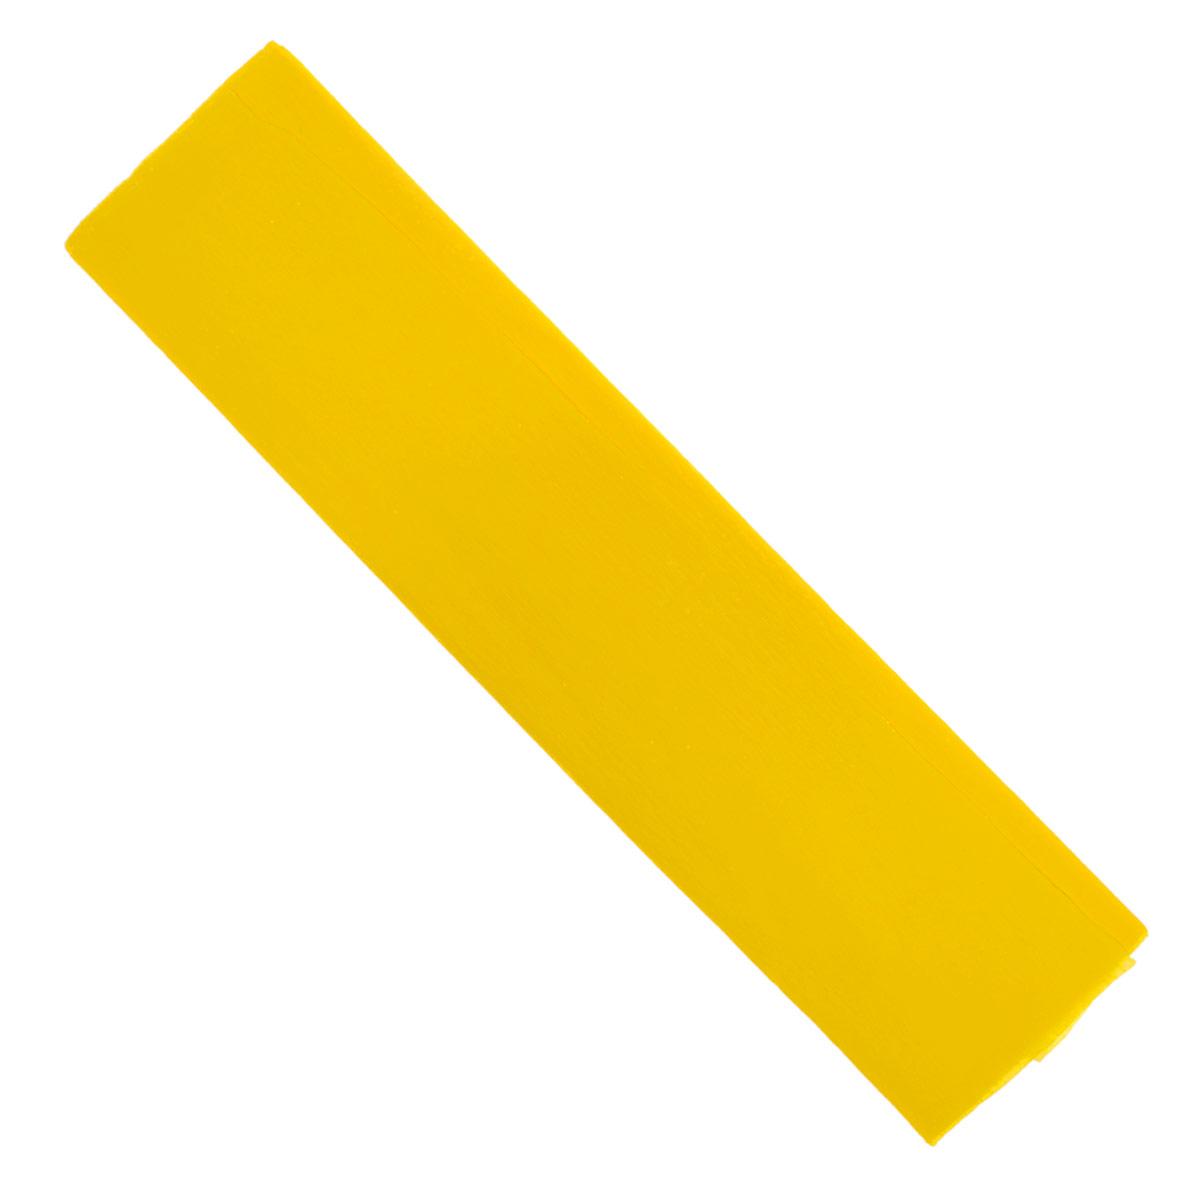 Крепированная бумага Hatber, флюоресцентная, цвет: желтый, 5 см х 25 смП-9081Цветная флюоресцентная бумага Hatber - отличный вариант для развития творчества вашего ребенка. Бумага с фактурным покрытием очень гибкая и мягкая, из нее можно создавать чудесные аппликации, игрушки, подарки и объемные поделки. Цветная флюоресцентная бумага Hatber способствует развитию фантазии, цветовосприятия и мелкой моторики рук. Размер бумаги - 5 см х 25 см.